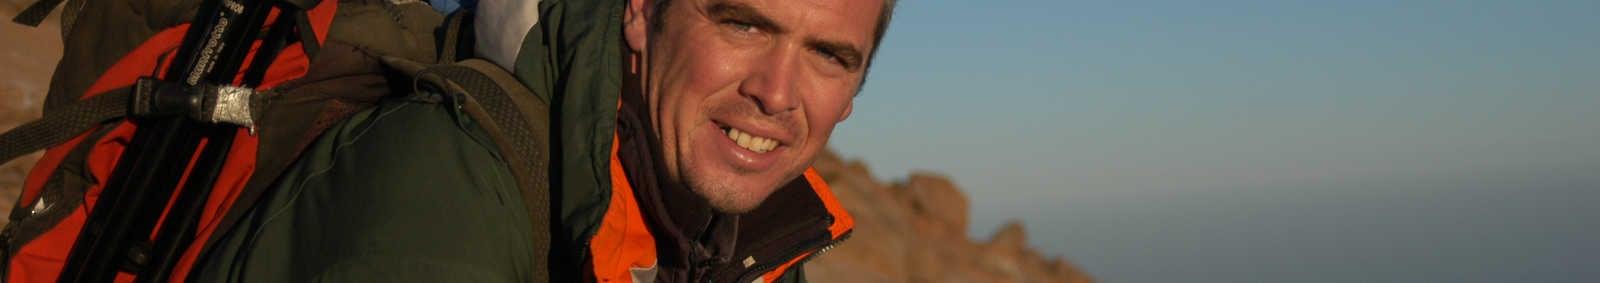 Jim Eite